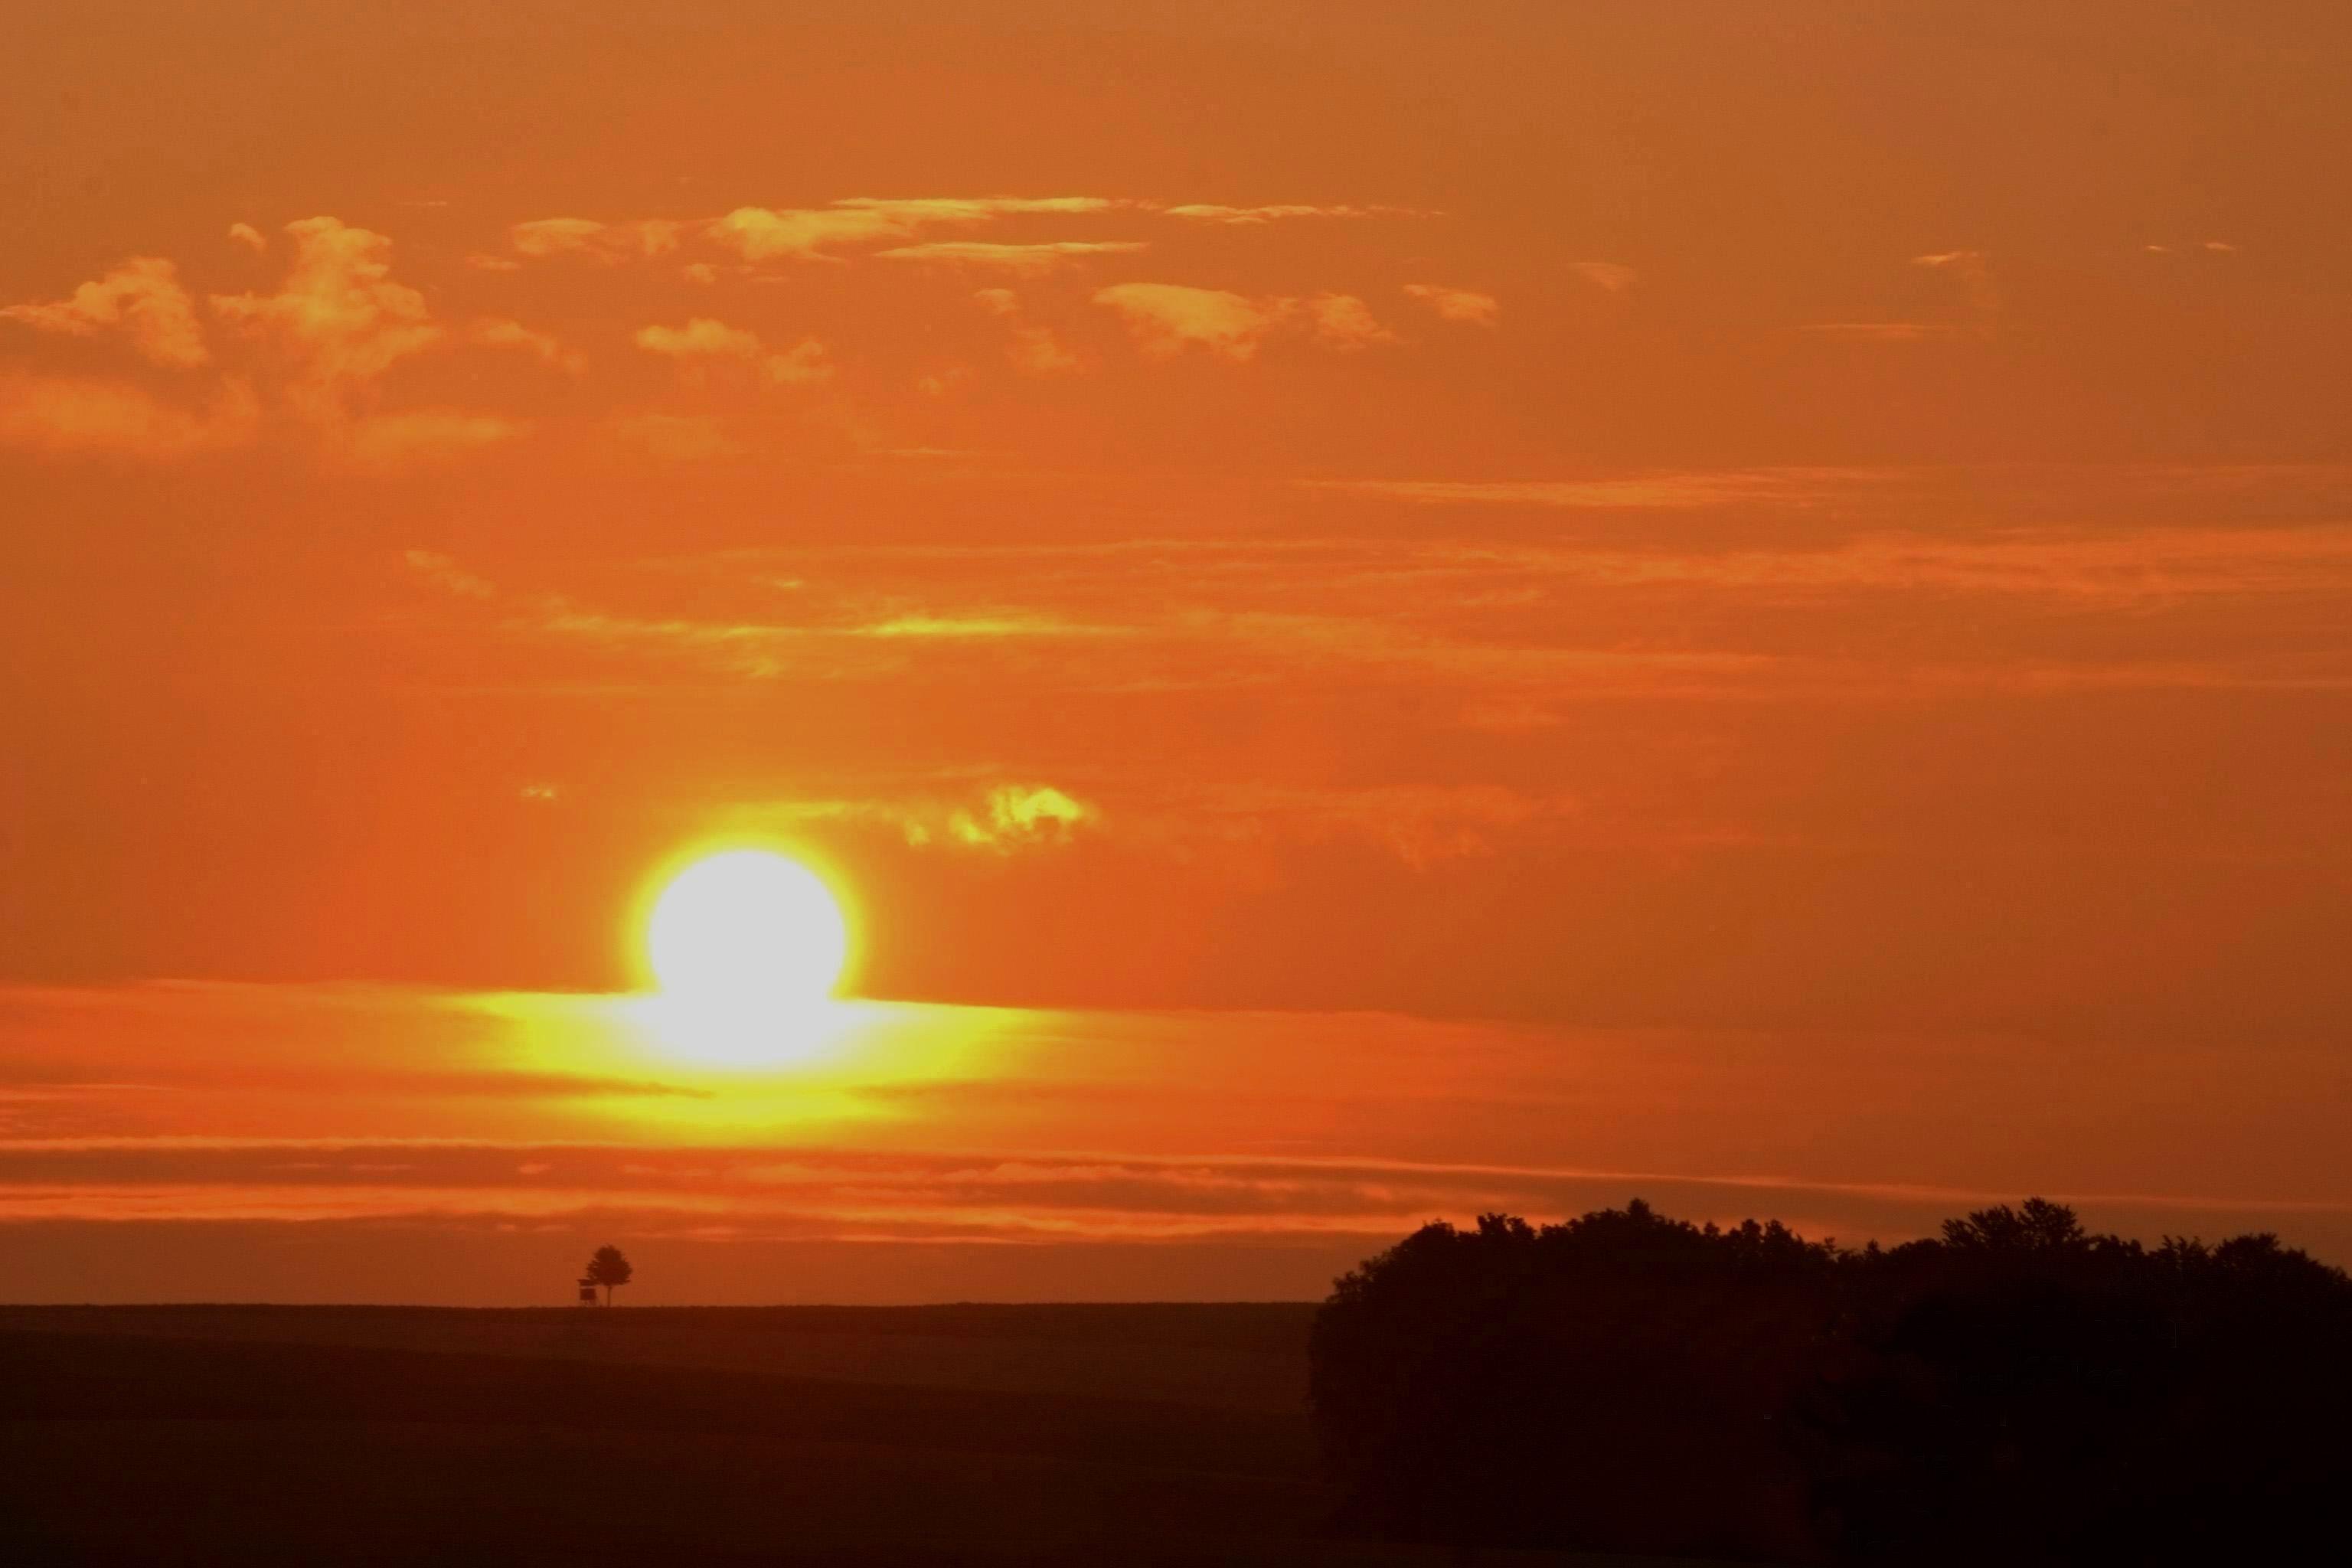 10.) Göritzhain Sonnenaufgang über dem Wiedertal 5.7.2009  5.00 Uhr